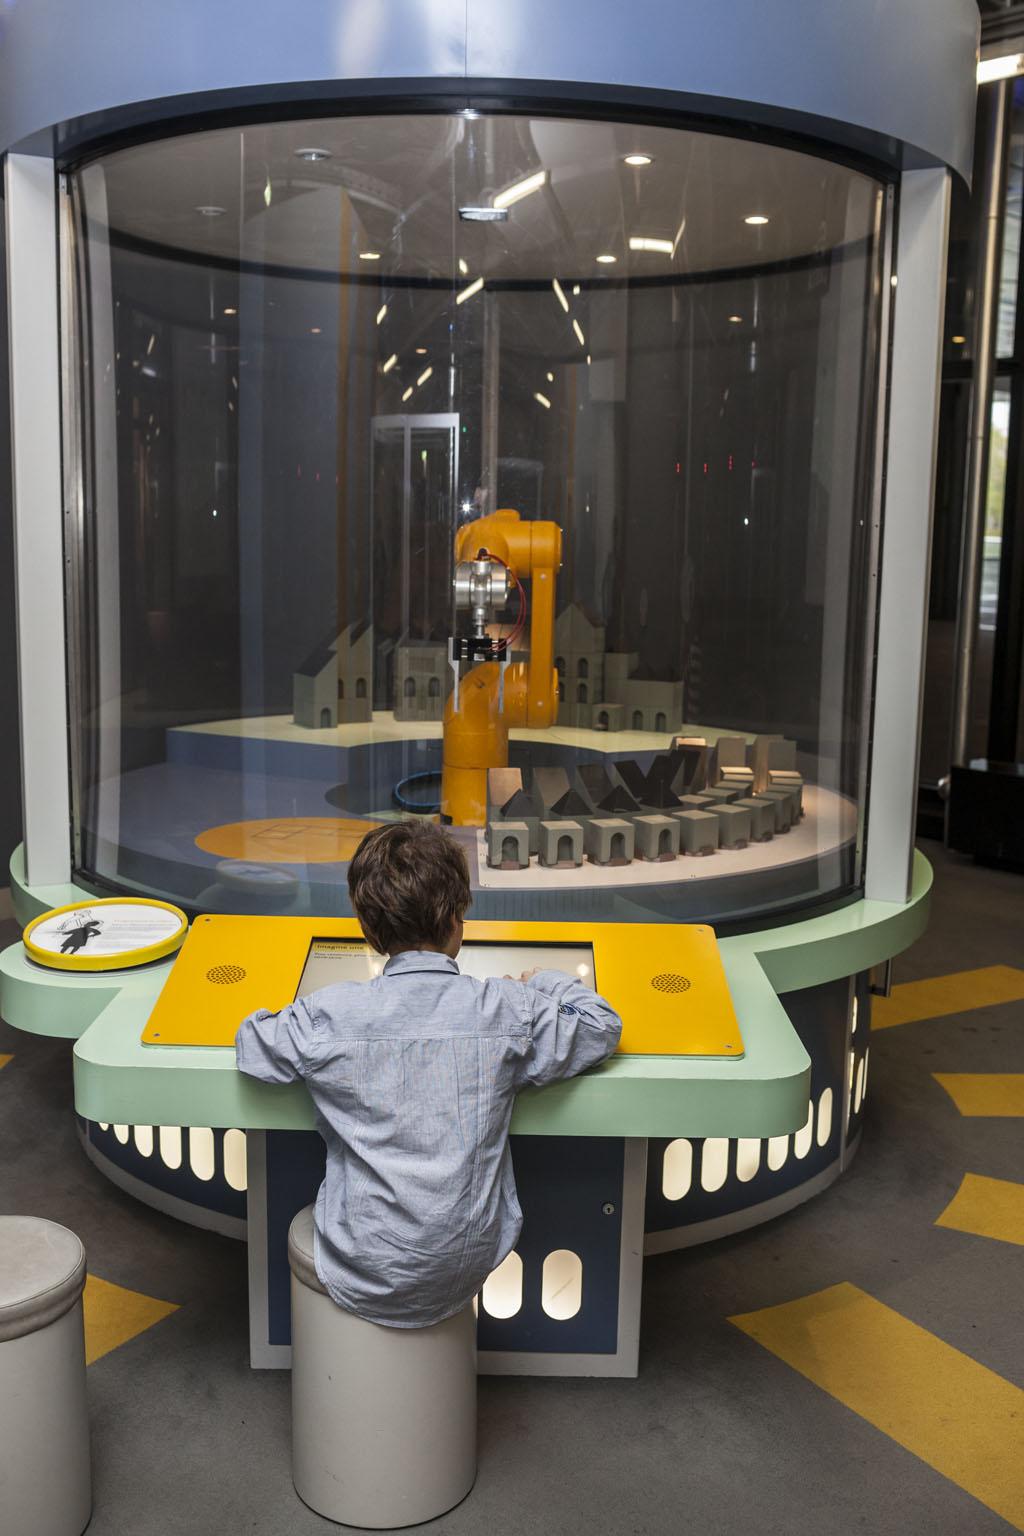 Pilote le robot(ouverture du diaporama)